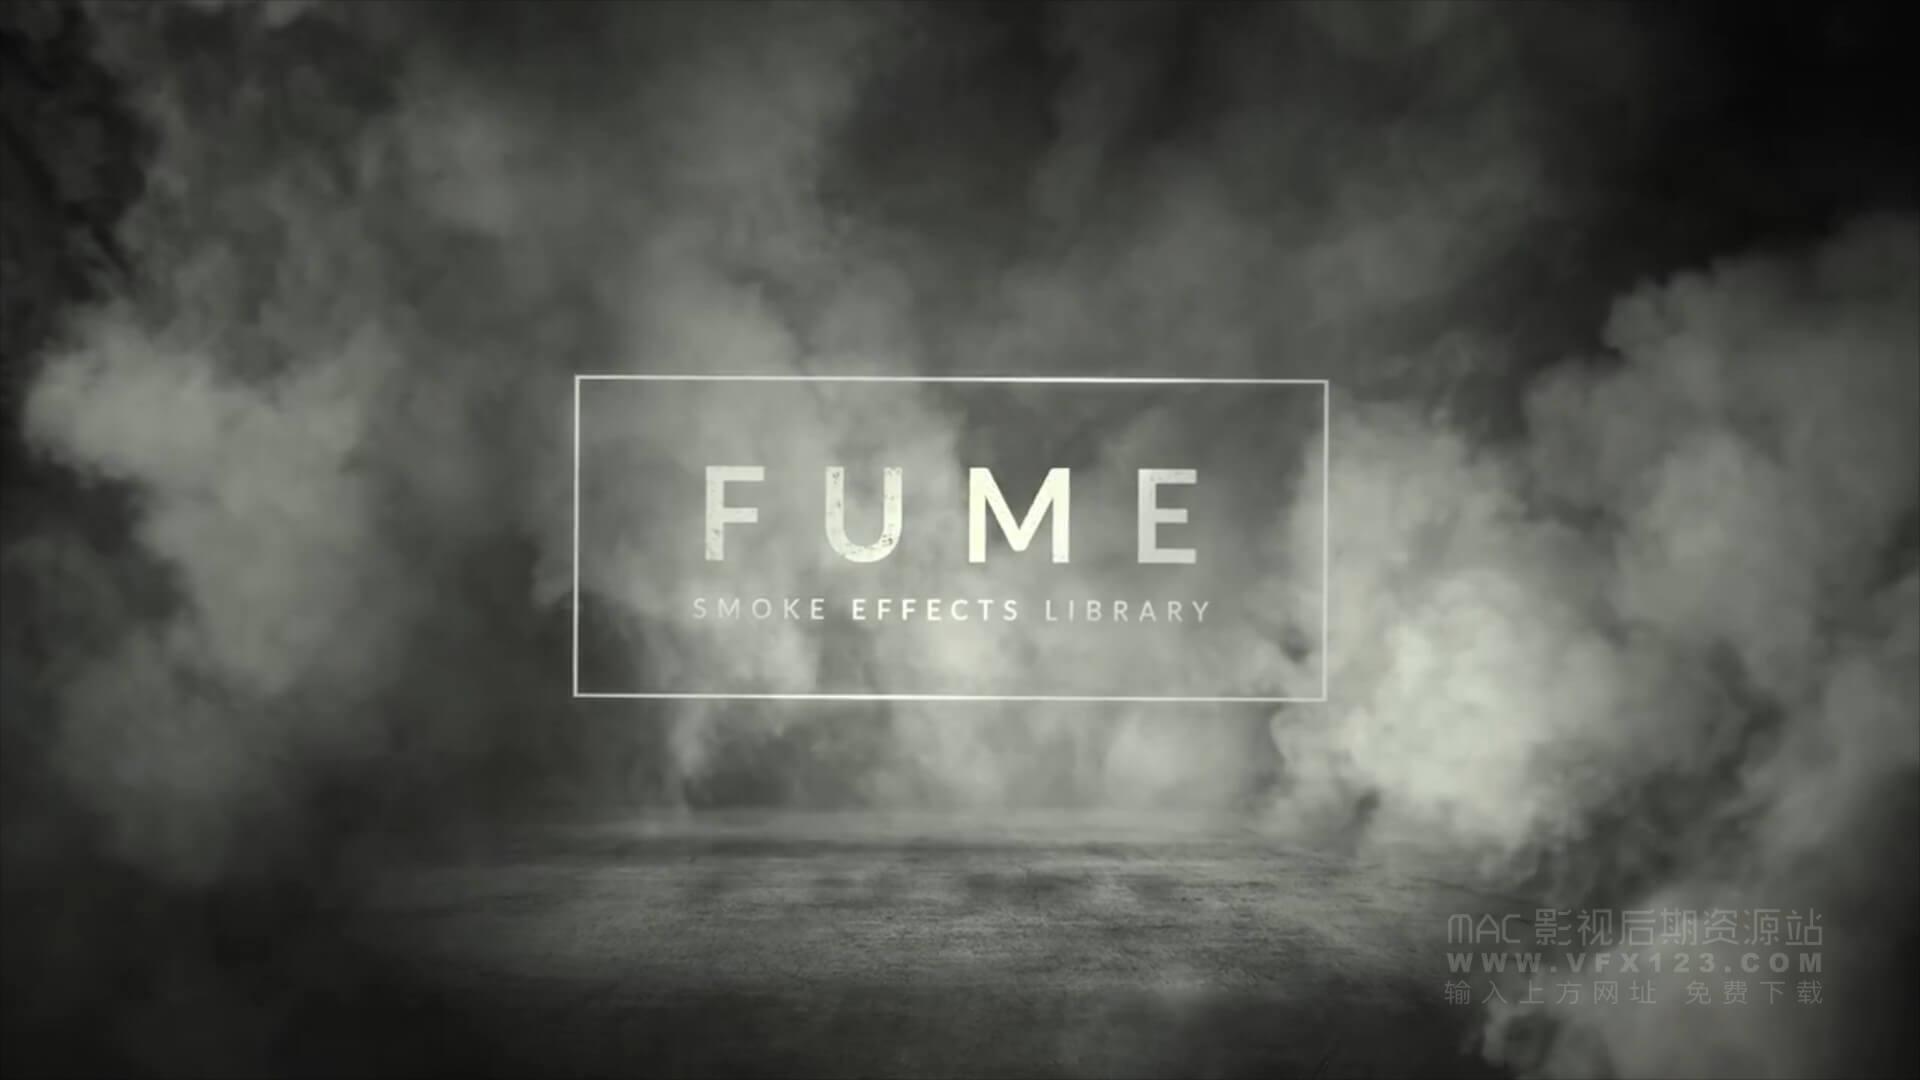 视频素材 180组4K烟囱烟雾环绕飘动高清特效合成视频素材 Fume smoke